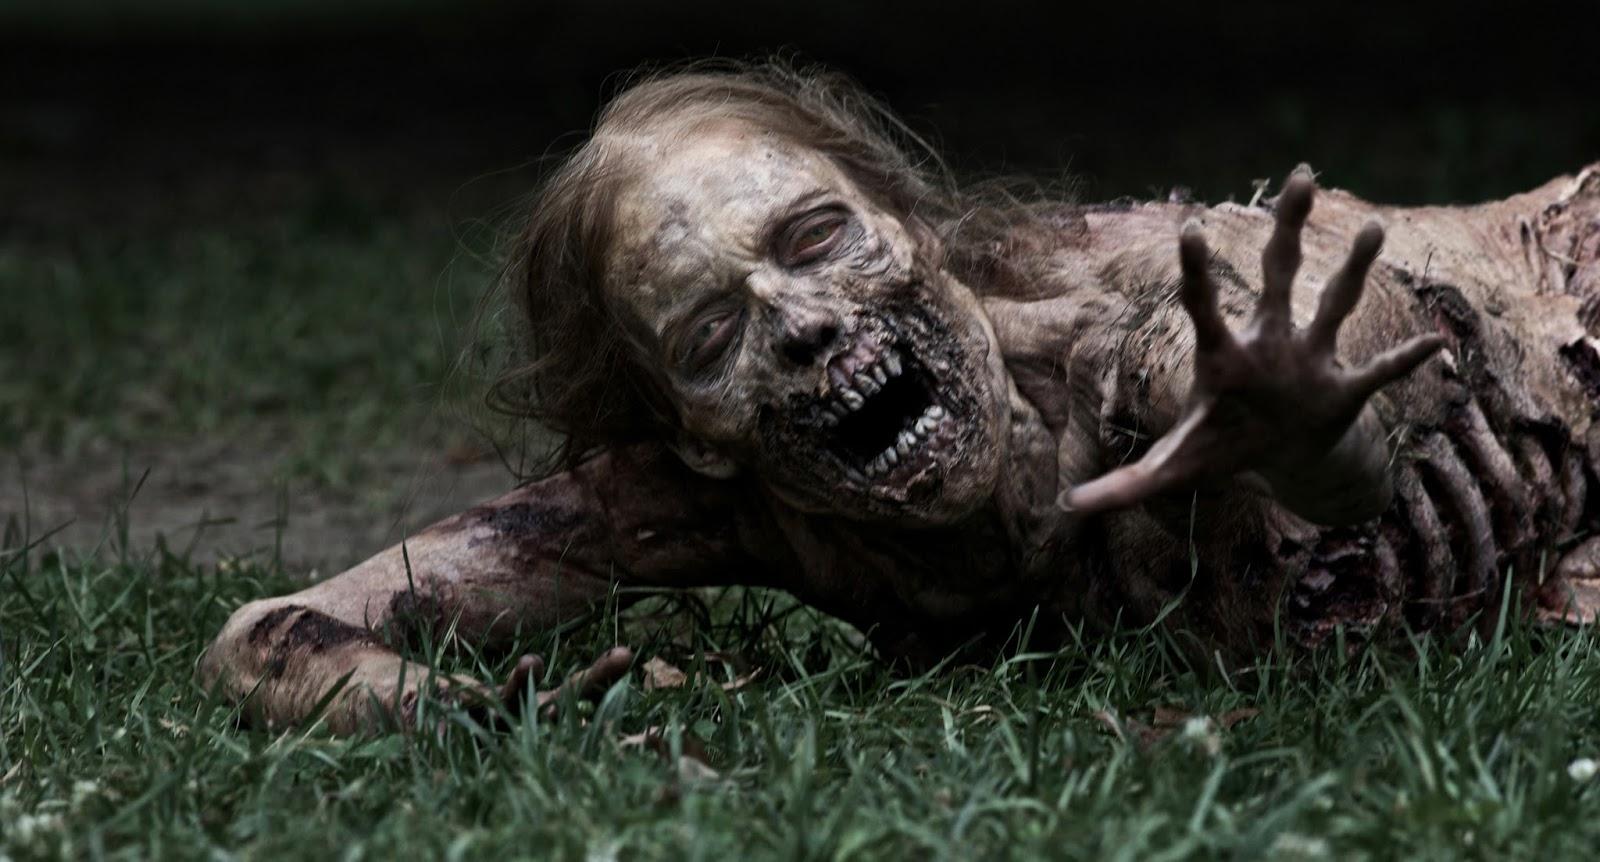 Un zombie qui n'a pas l'air tranquille